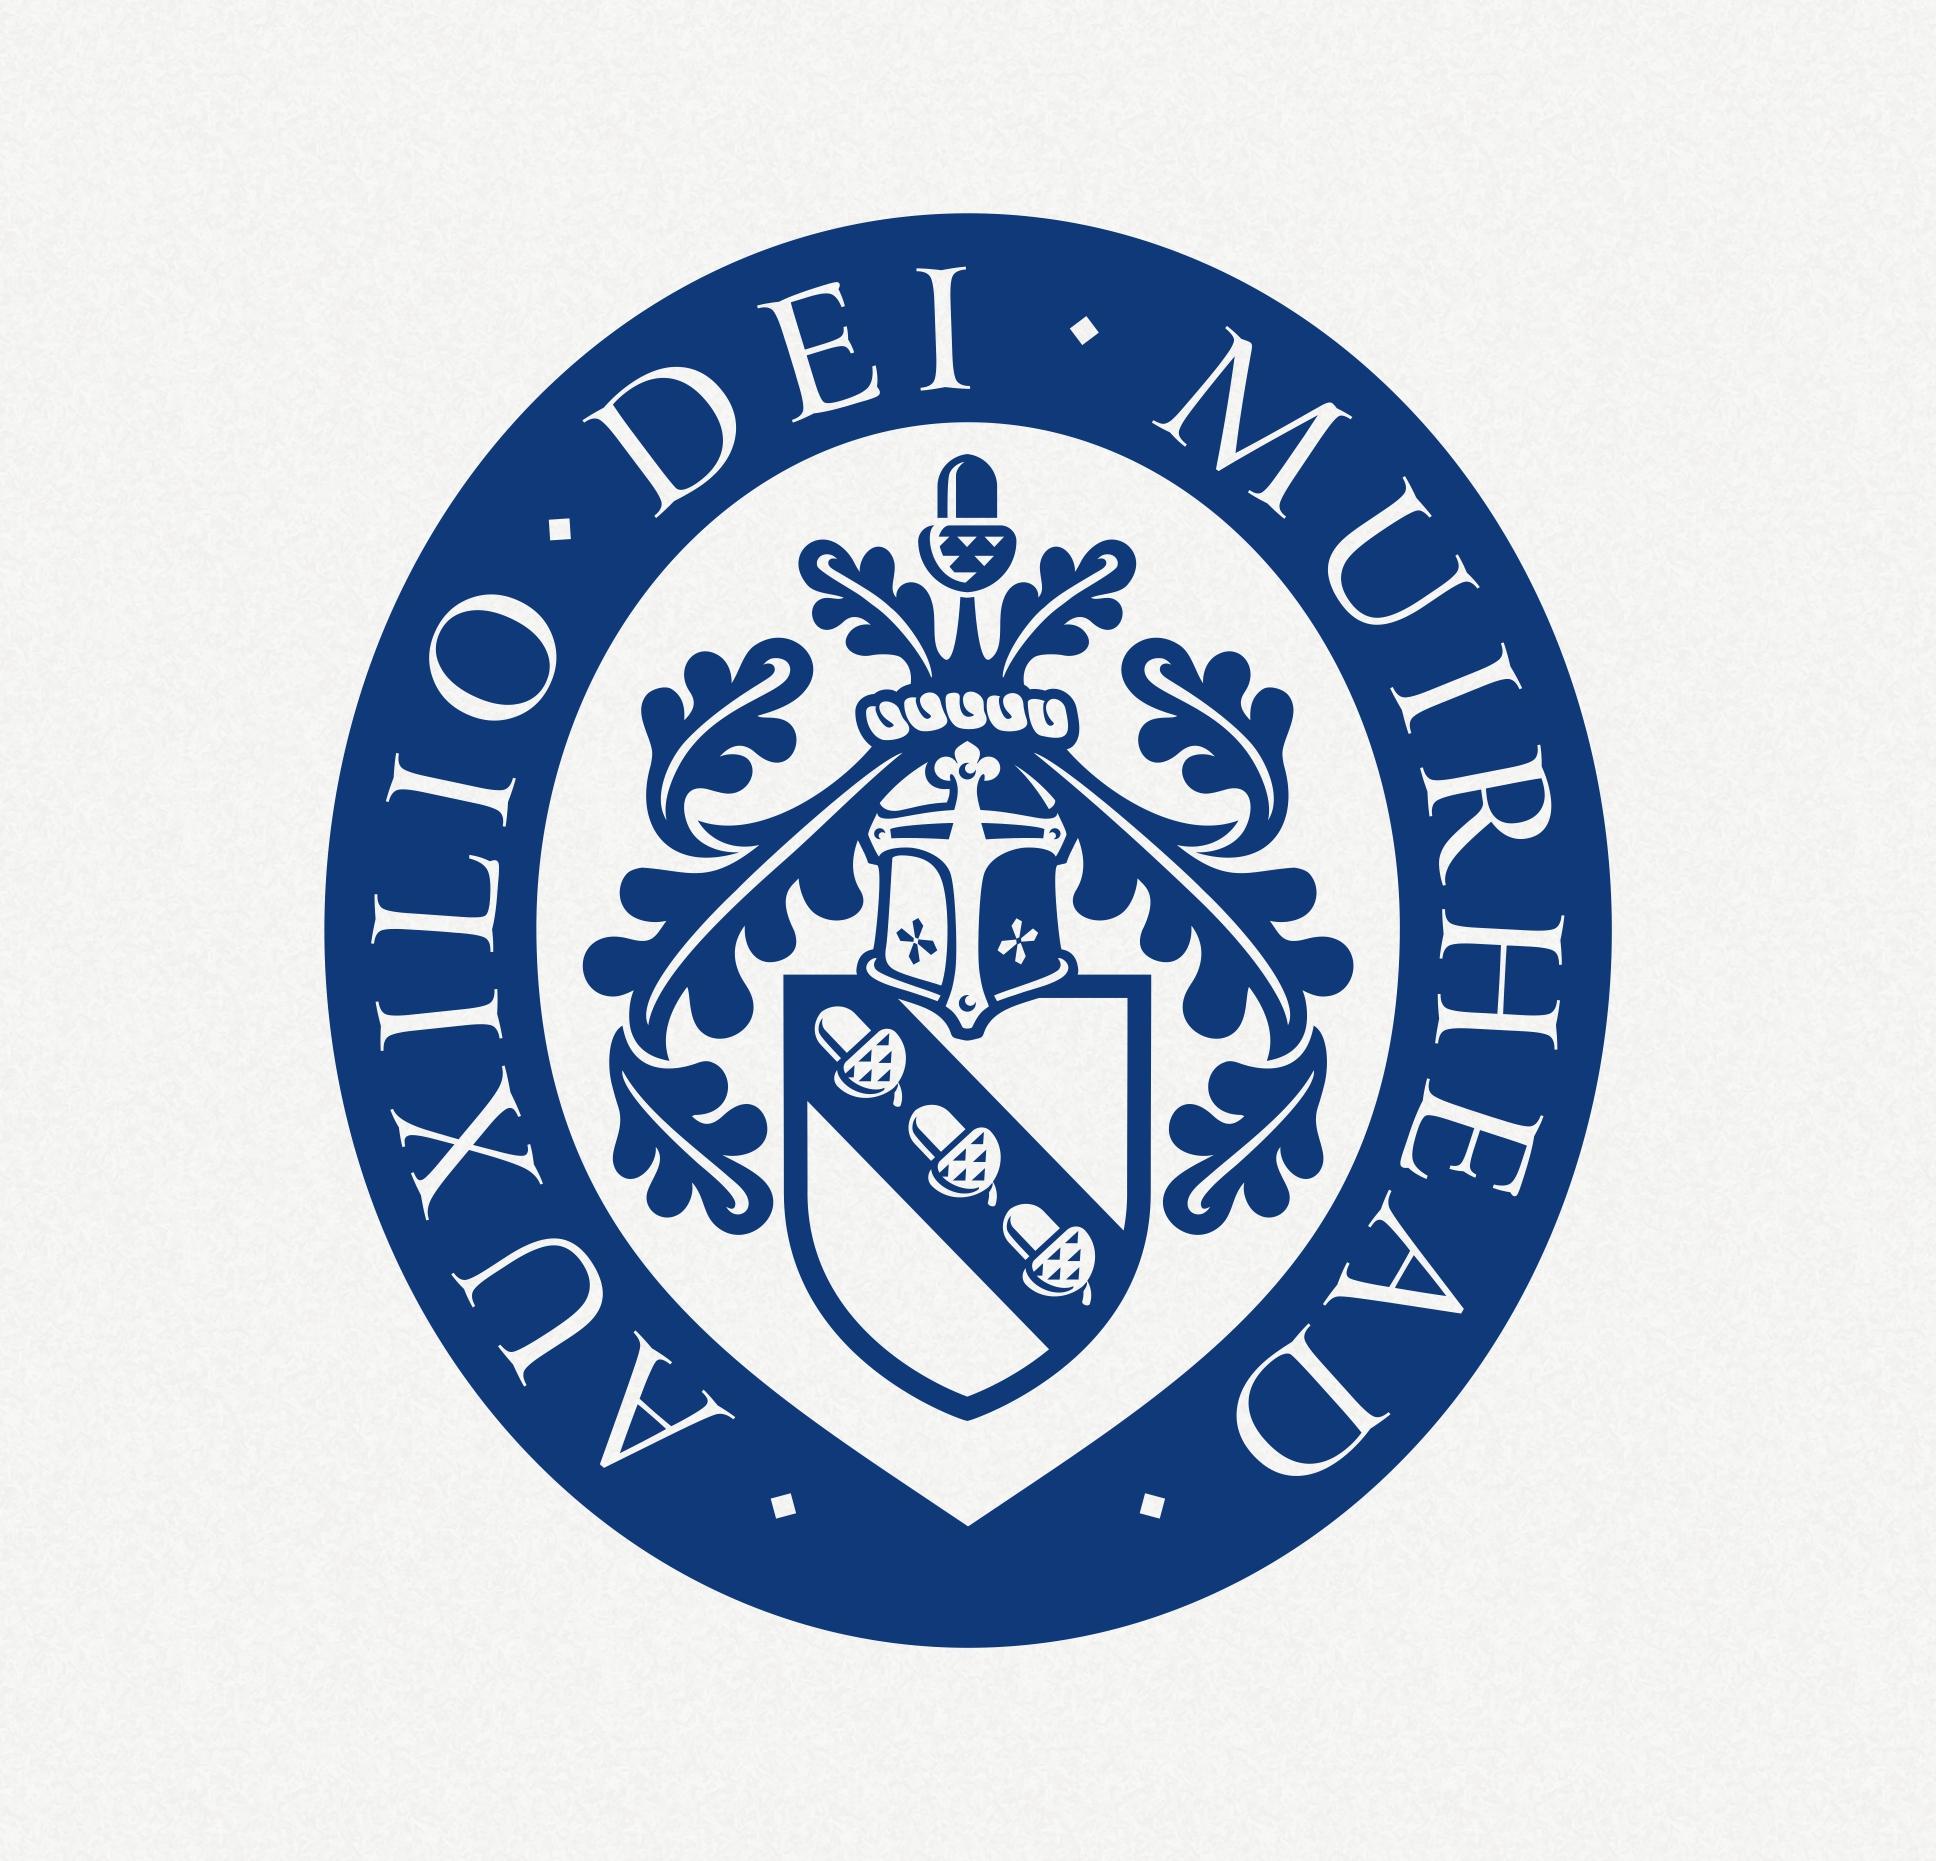 Personal insignia logo in the crest shape.   Osobni logotip u obliku grba.